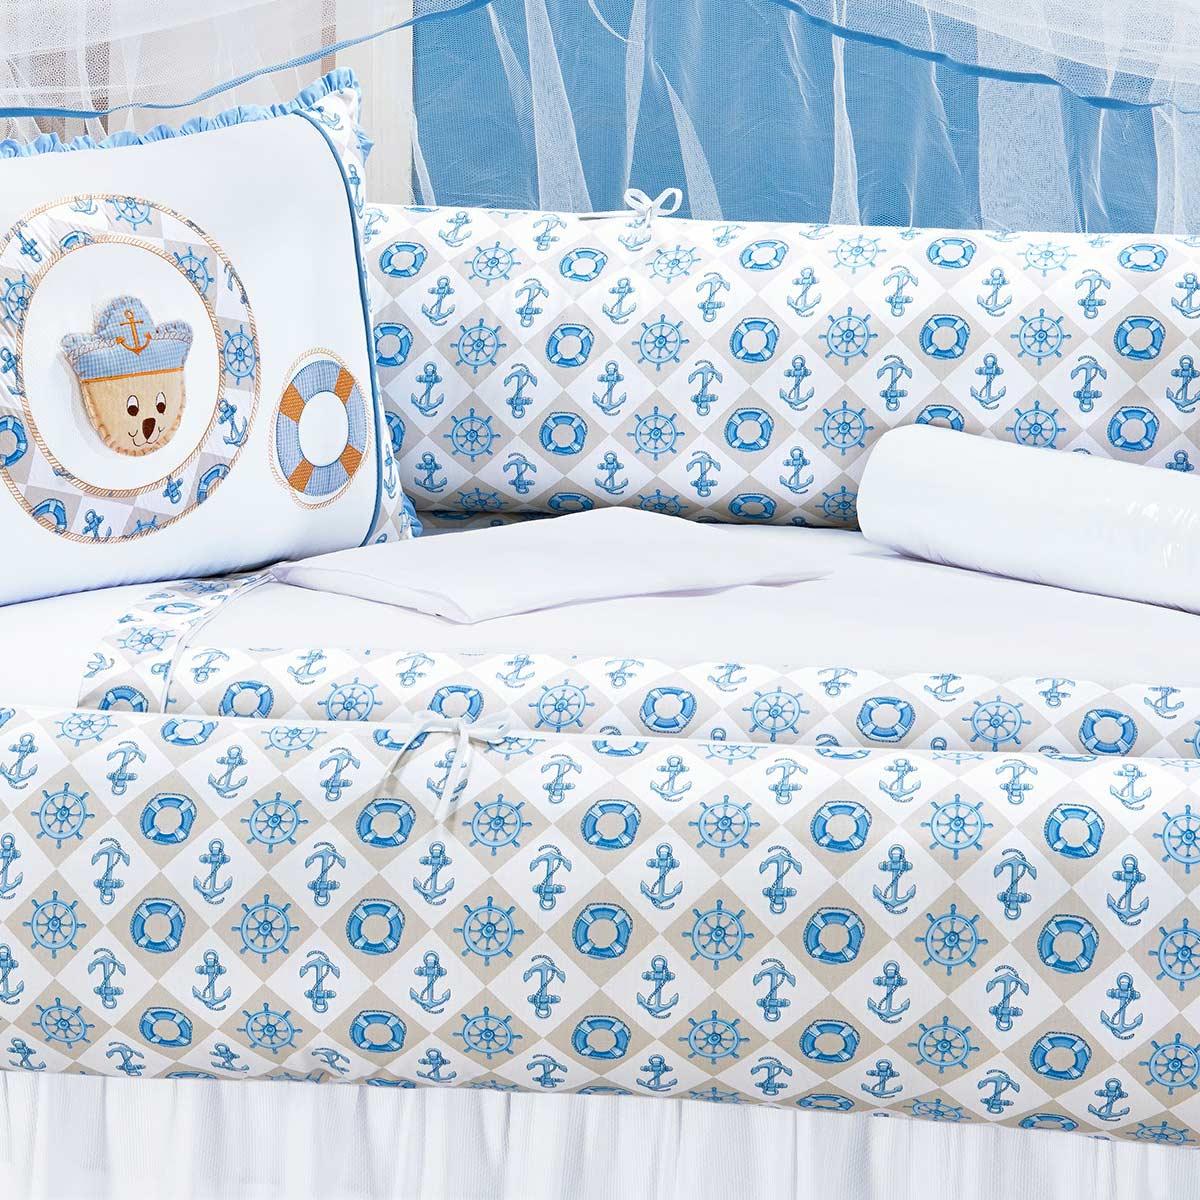 Kit Enxoval / Berço Bebê Ursinho Marinheiro Náutico Azul com 9 peças Algodão